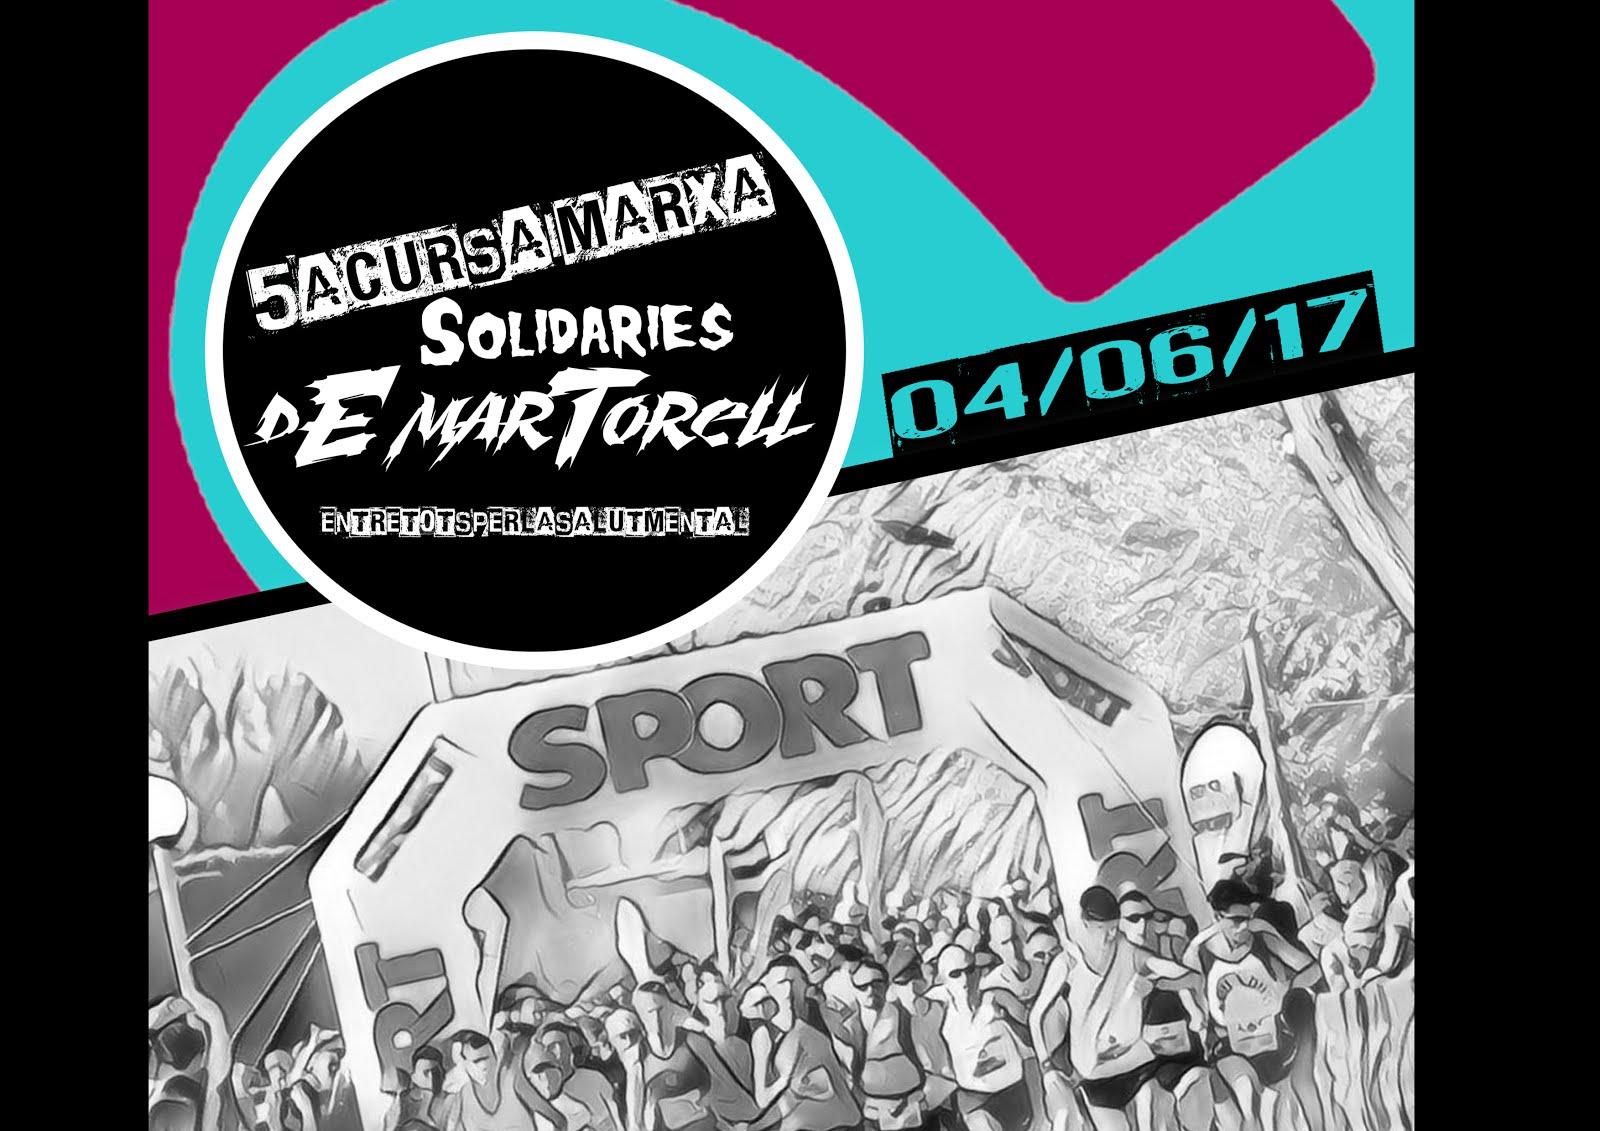 5ª CURSA I MARXA SOLIDÀRIES DE MARTORELL  07-06-2015